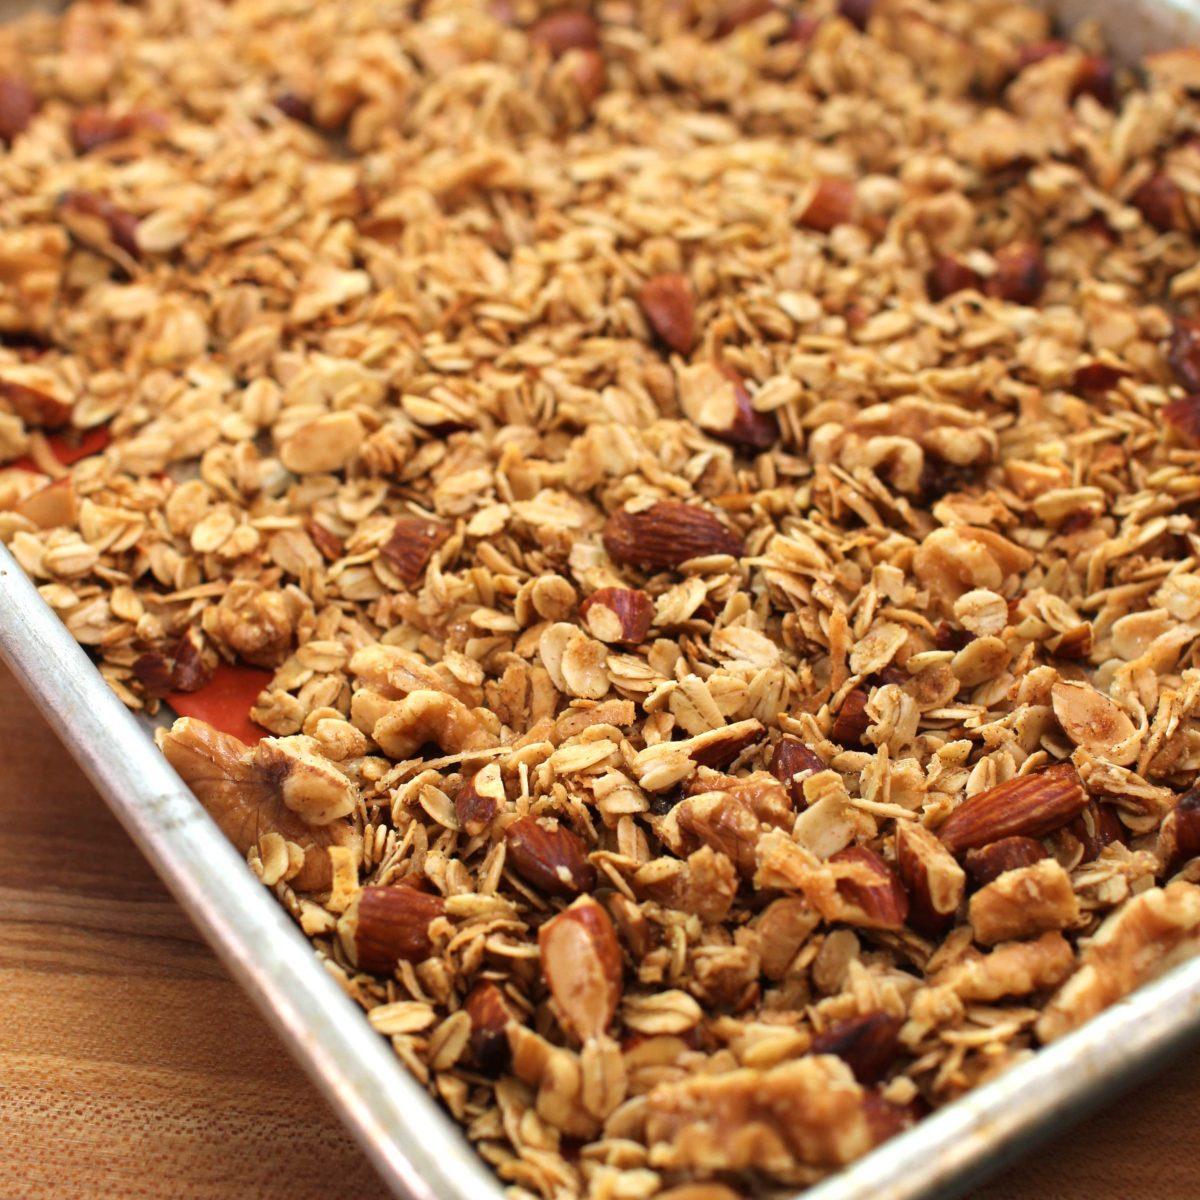 a tray of baked granola.